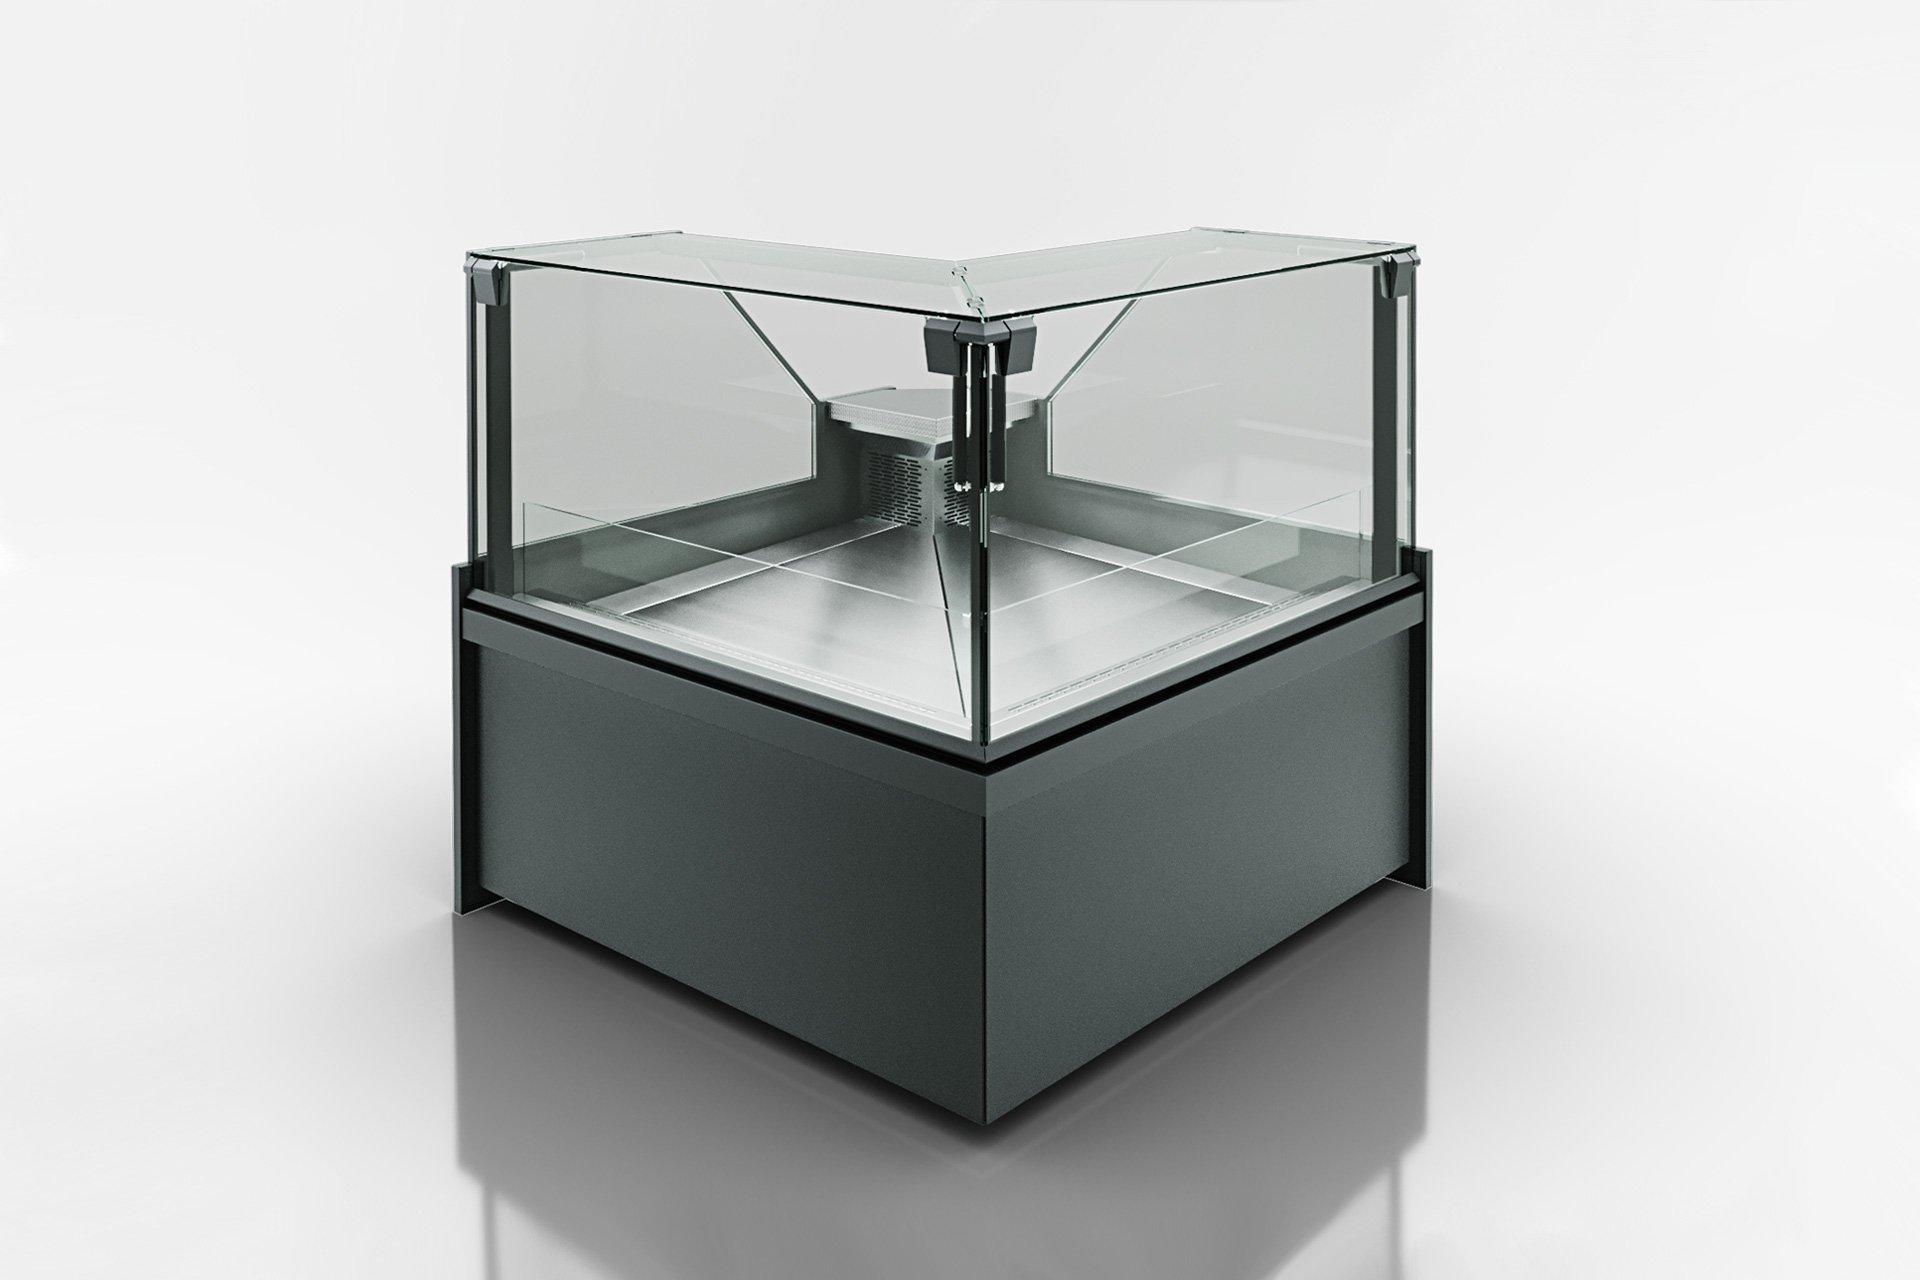 Eckelemente der Kühlfenstern Missouri MC 120 deli PS 130-DLM-EL90